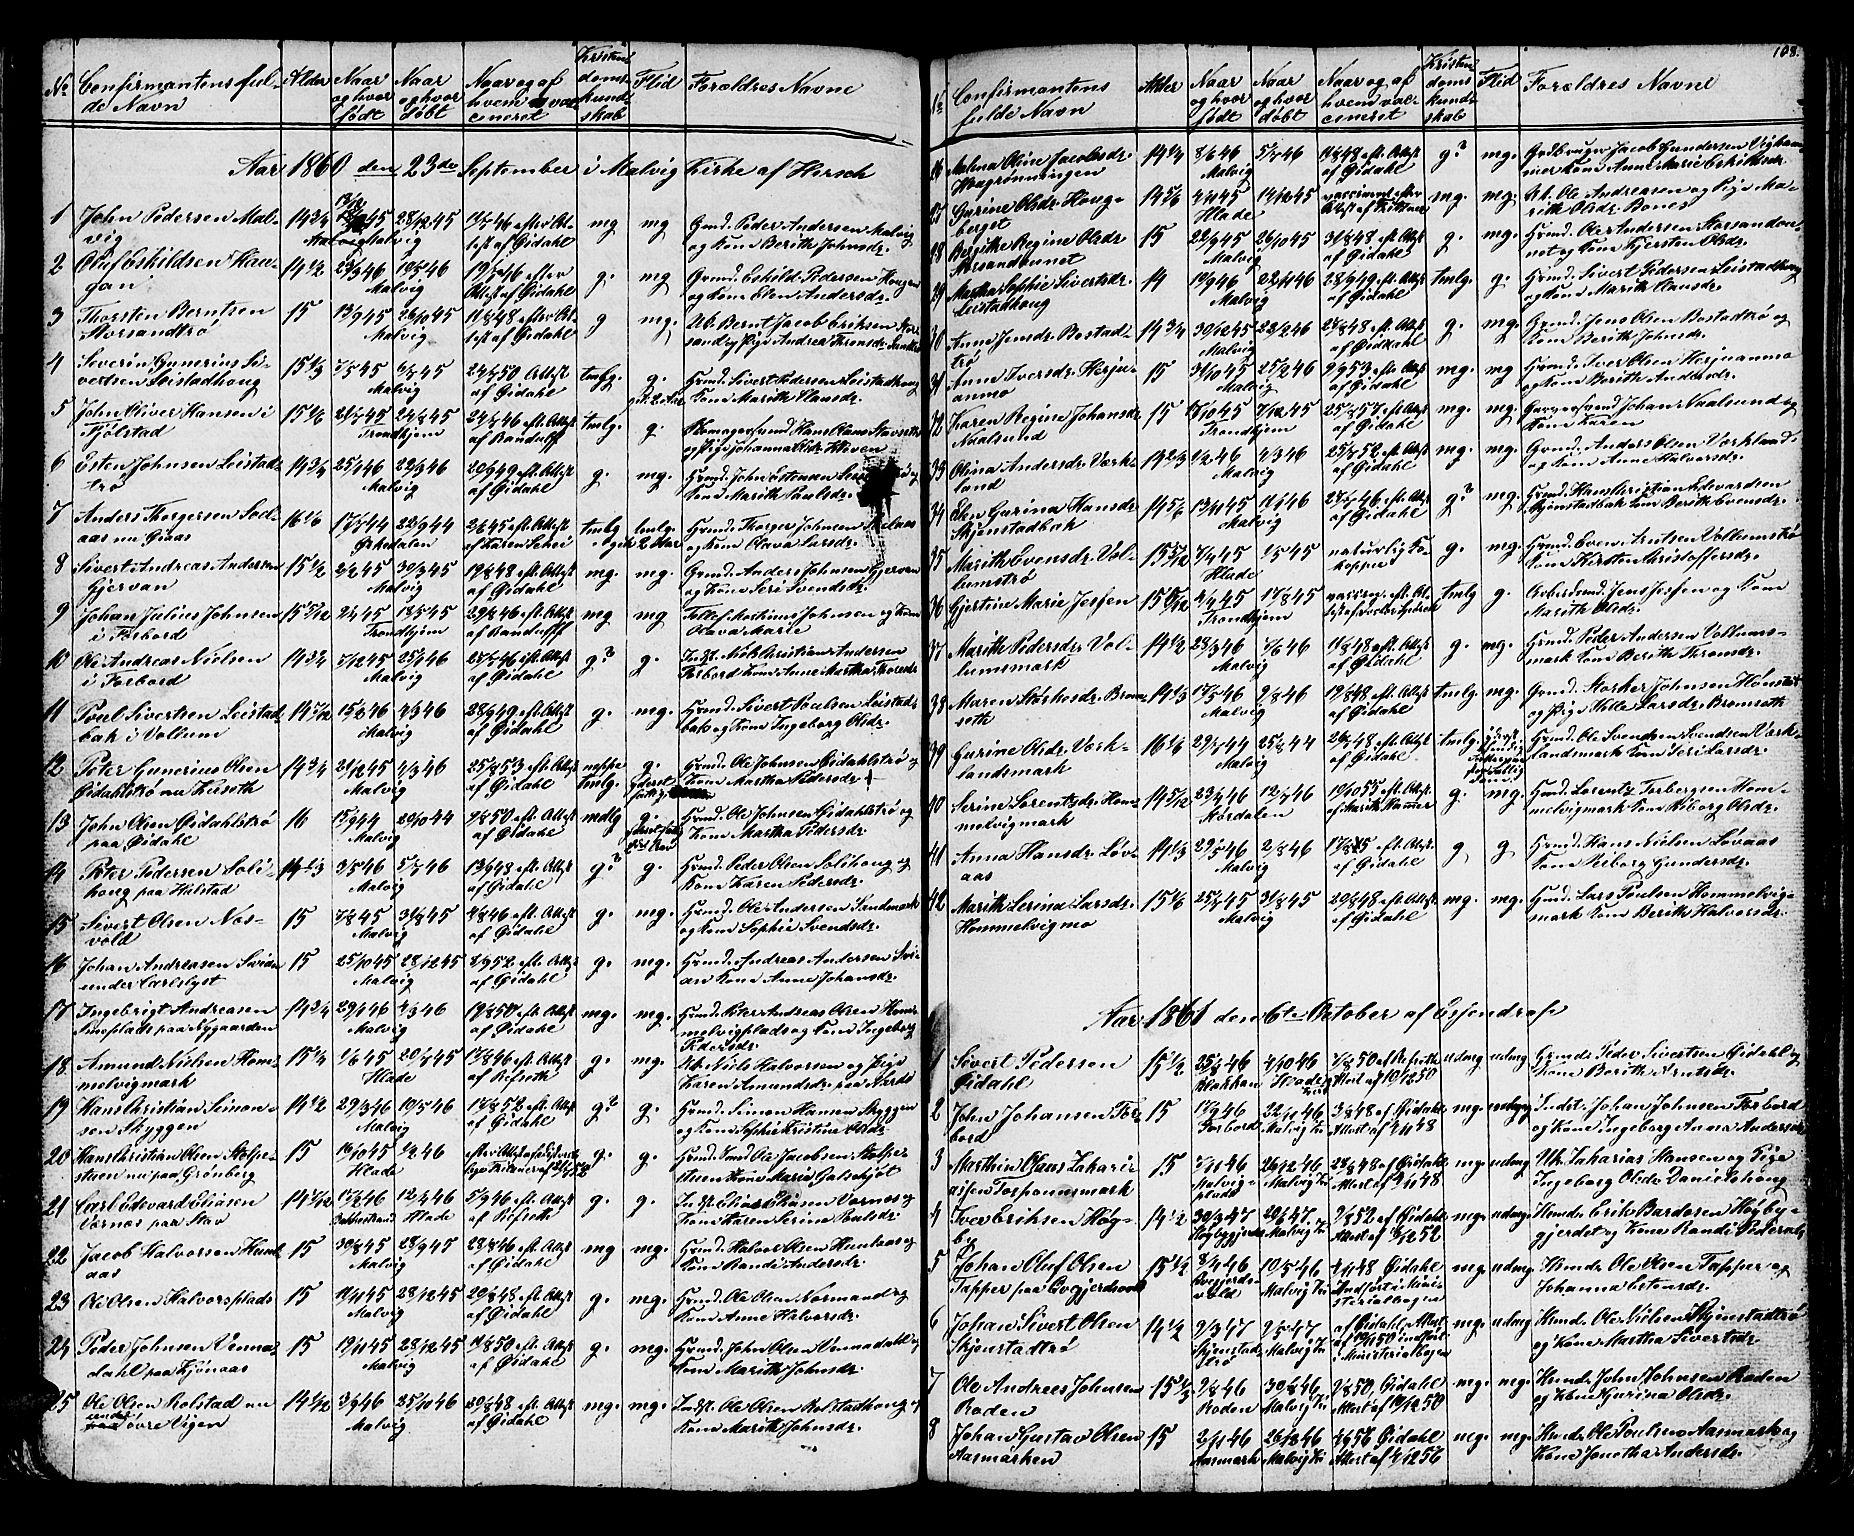 SAT, Ministerialprotokoller, klokkerbøker og fødselsregistre - Sør-Trøndelag, 616/L0422: Klokkerbok nr. 616C05, 1850-1888, s. 108